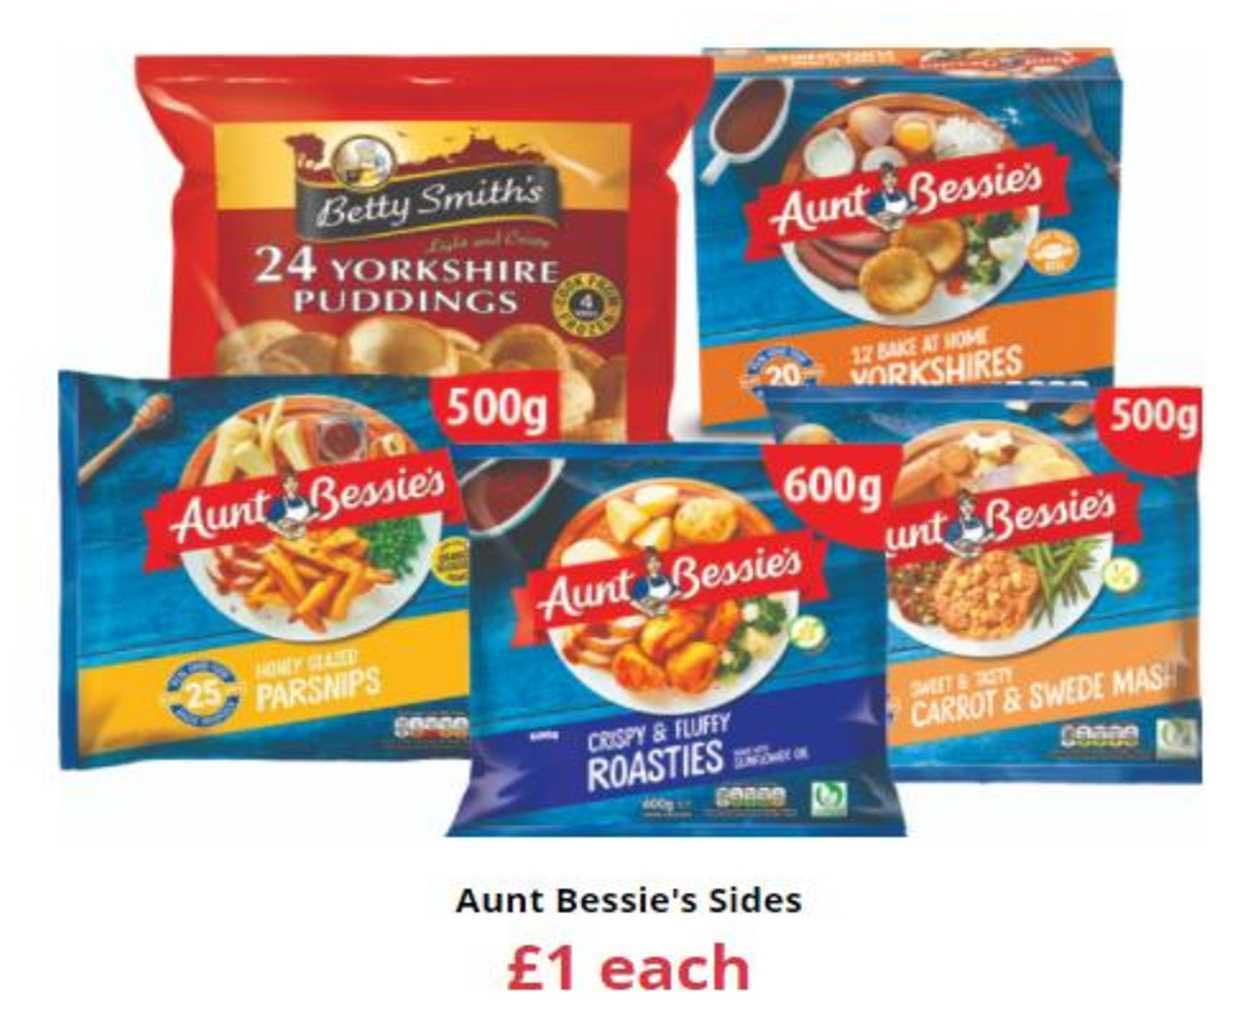 Farmfoods Aunt Bessie's Sides